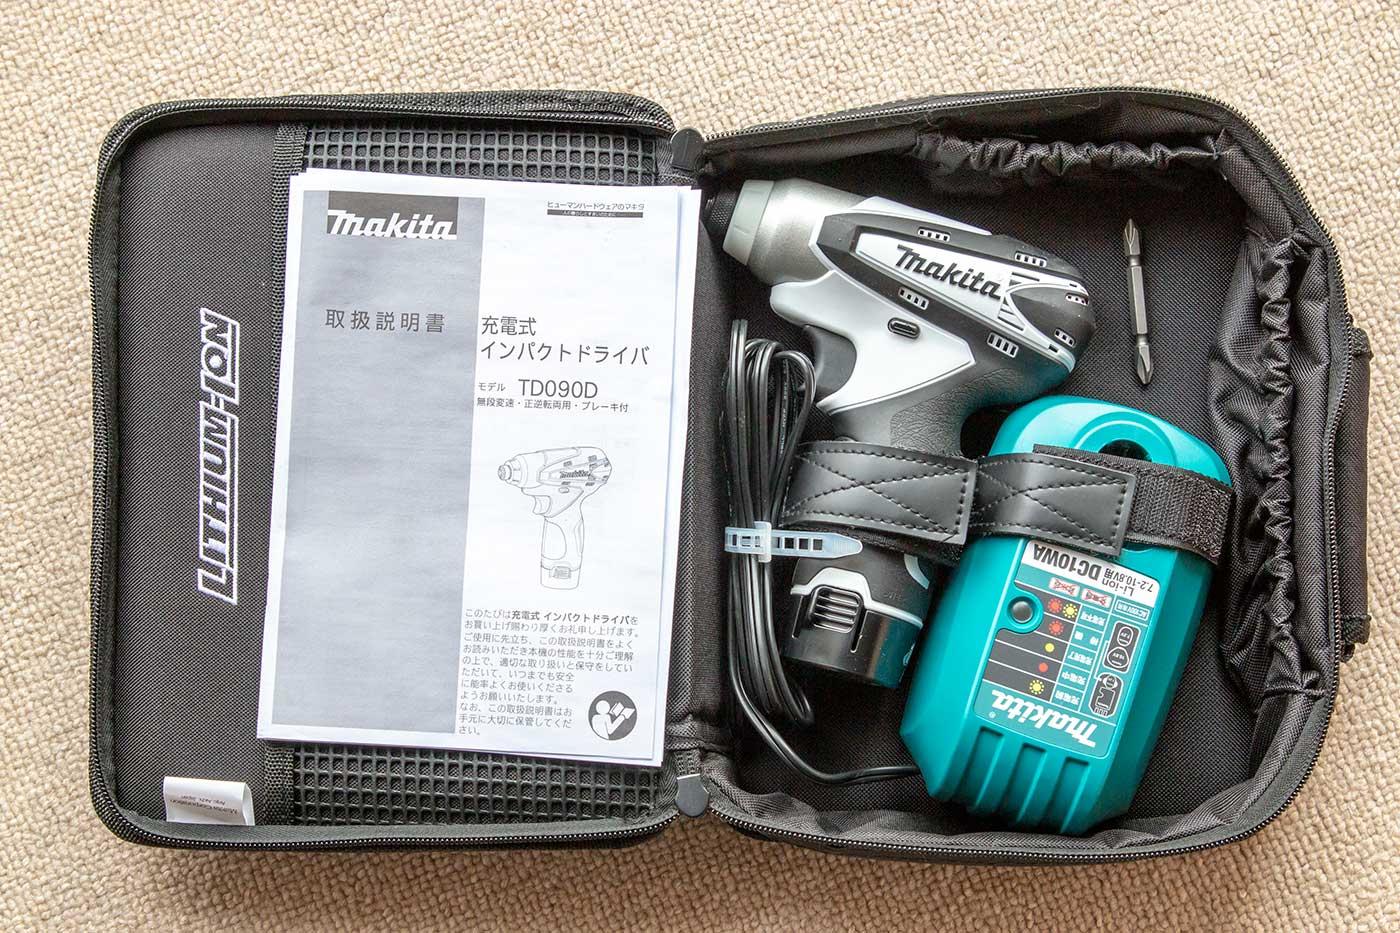 マキタ「TD090DWSPW」の付属品